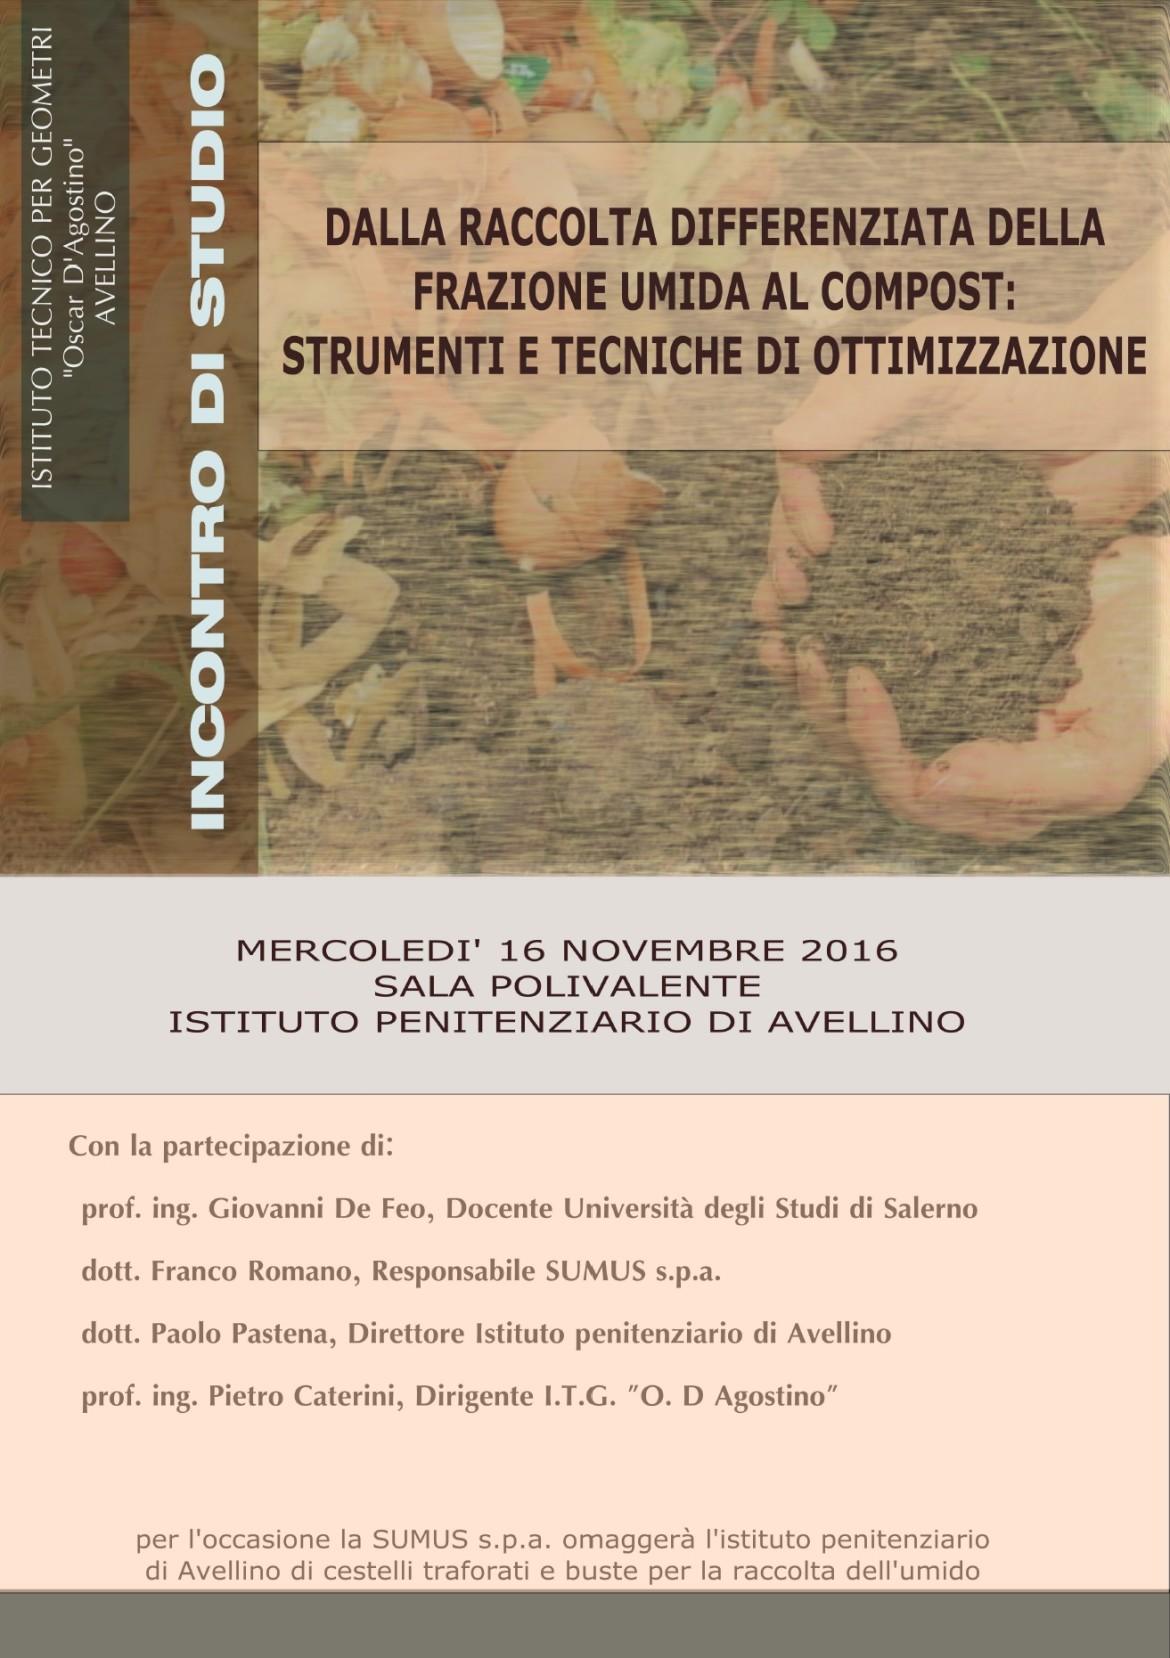 All'Istituto Penitenziario di Avellino si parla di raccolta differenziata e di compostaggio